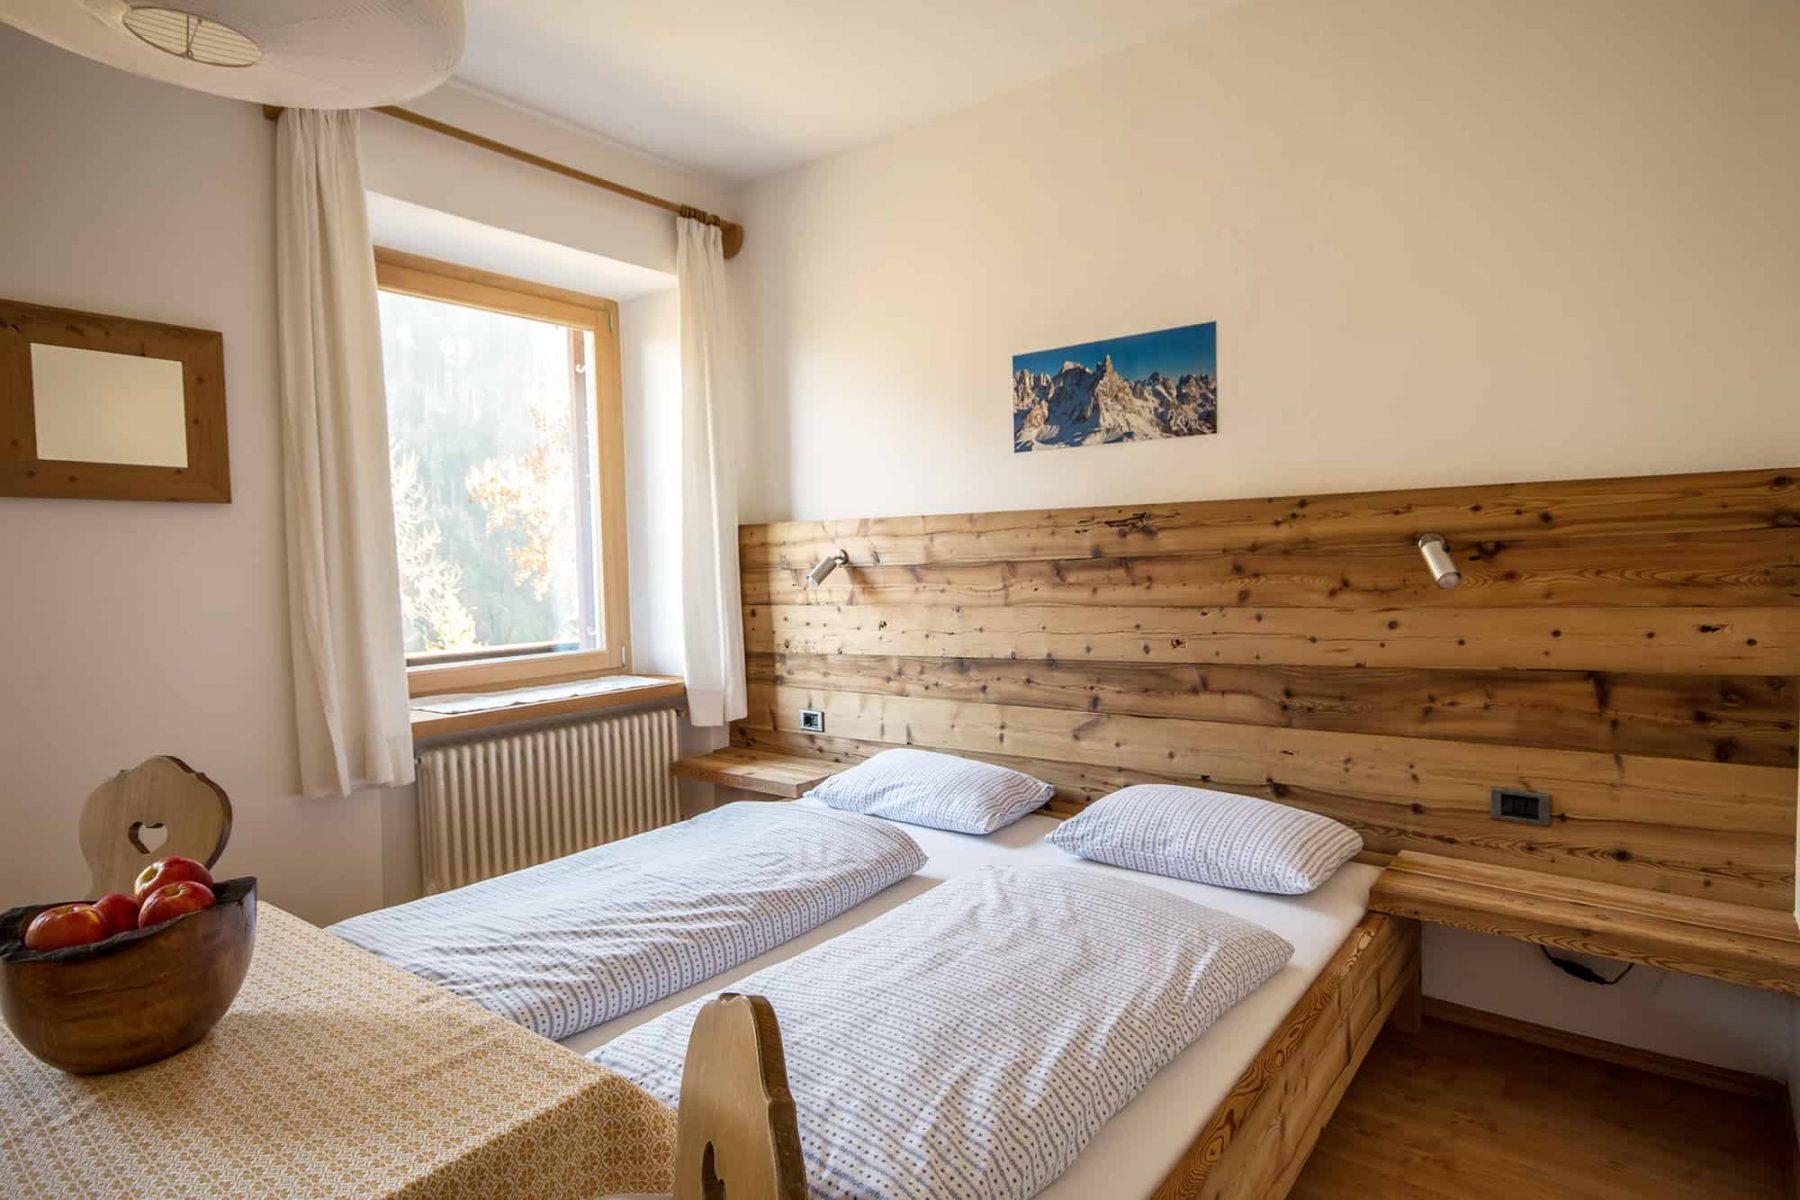 Mini Kühlschrank Fürs Zimmer : Lavendelzimmer mayrhof